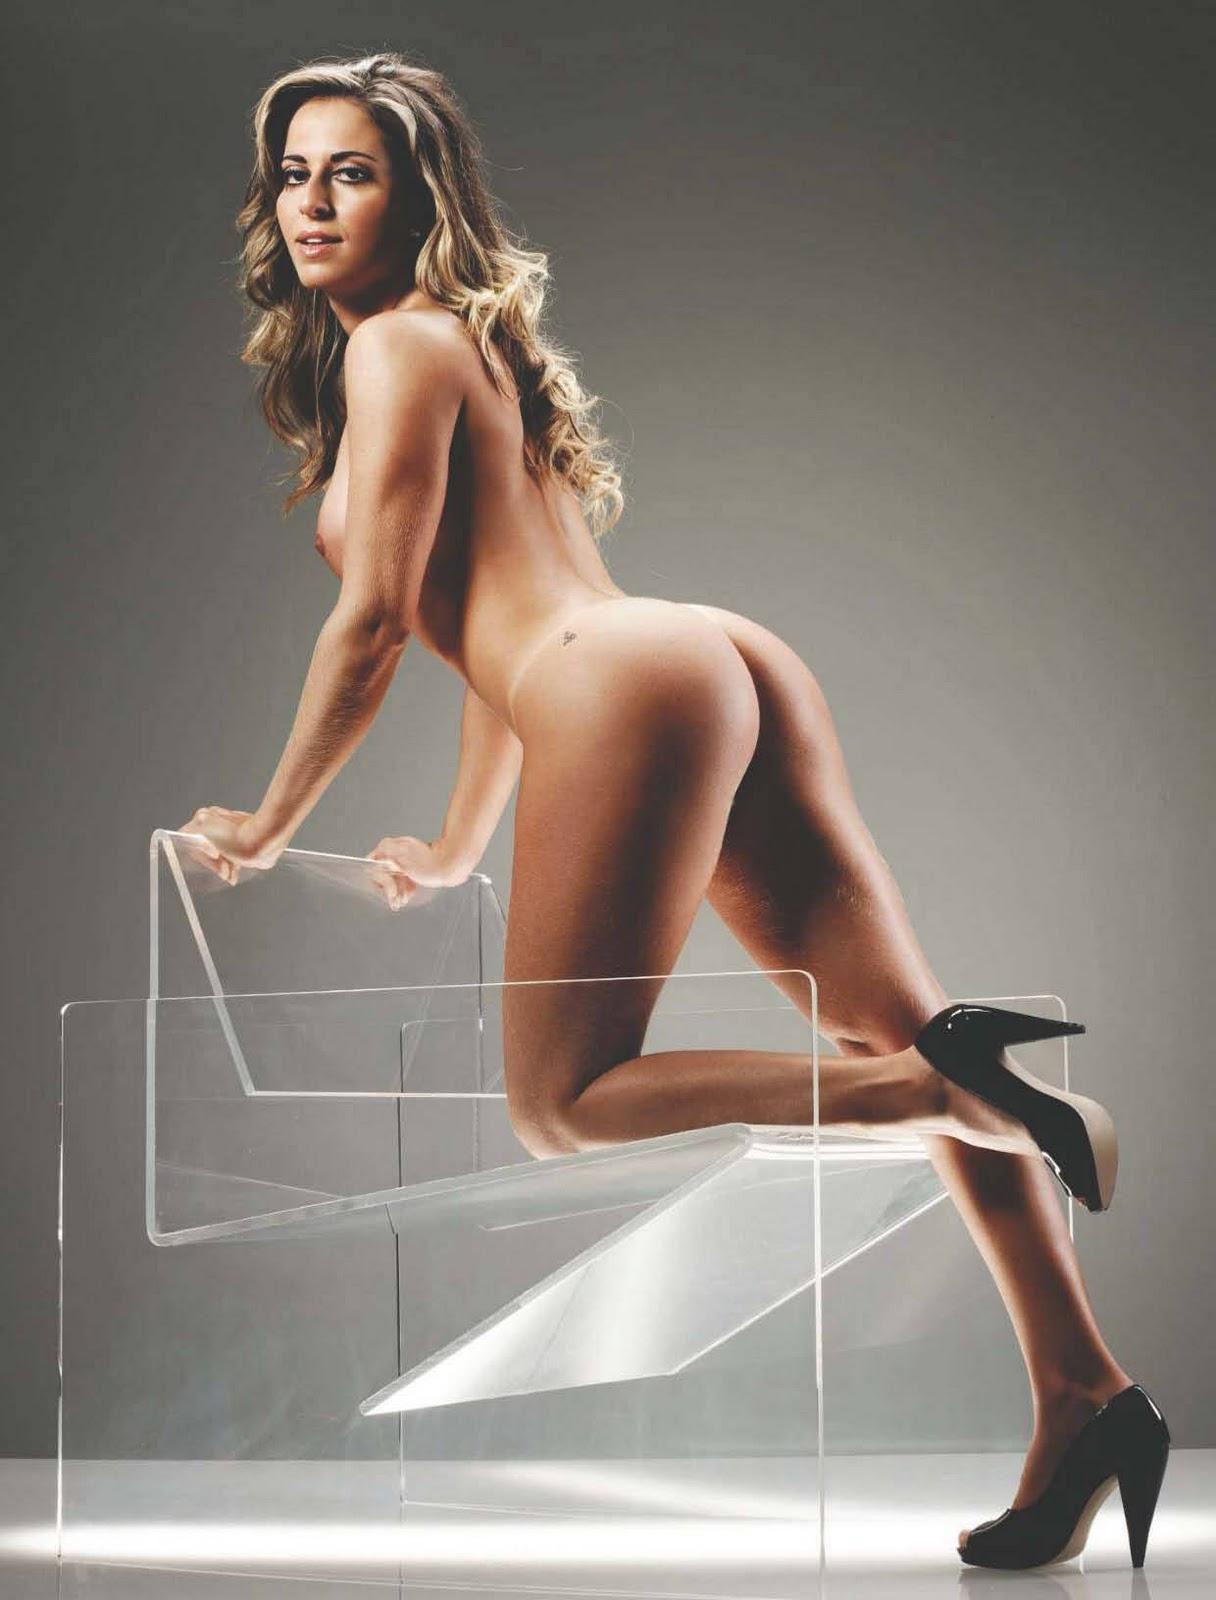 vanessa hessler nude in playboy